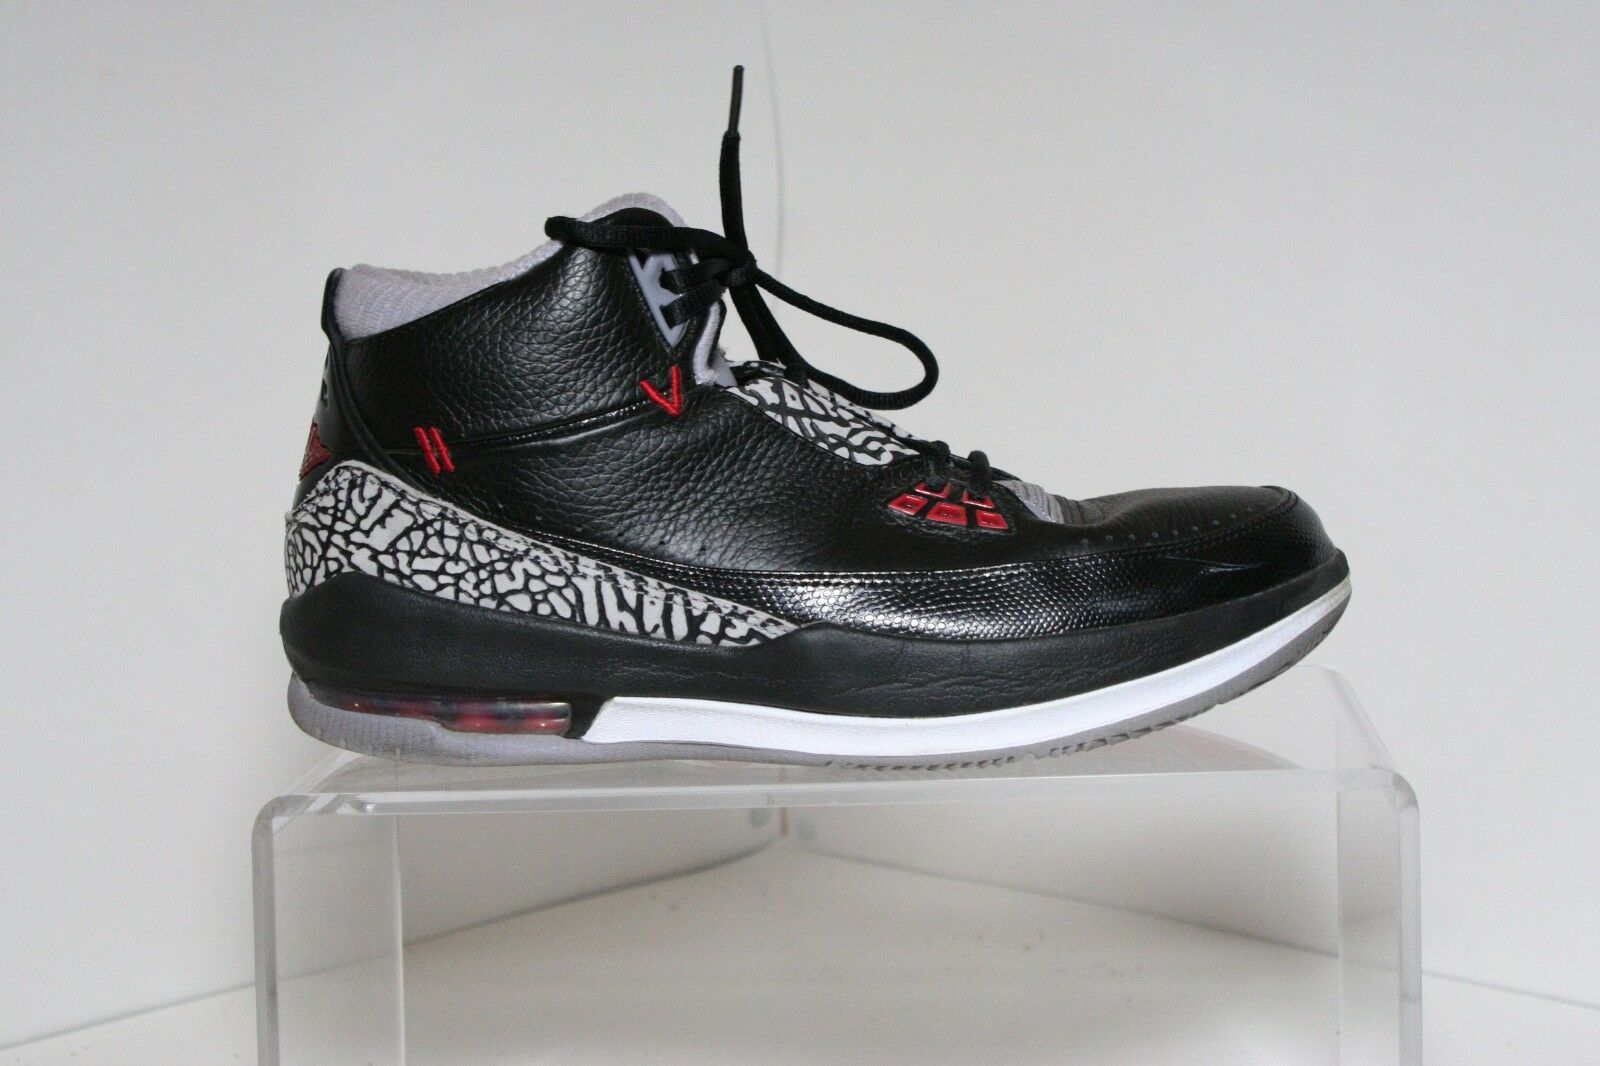 Nike Air Jordan 2.5 Team Sneakers 08' Hipster Multi Cement Men's 10.5 Bred